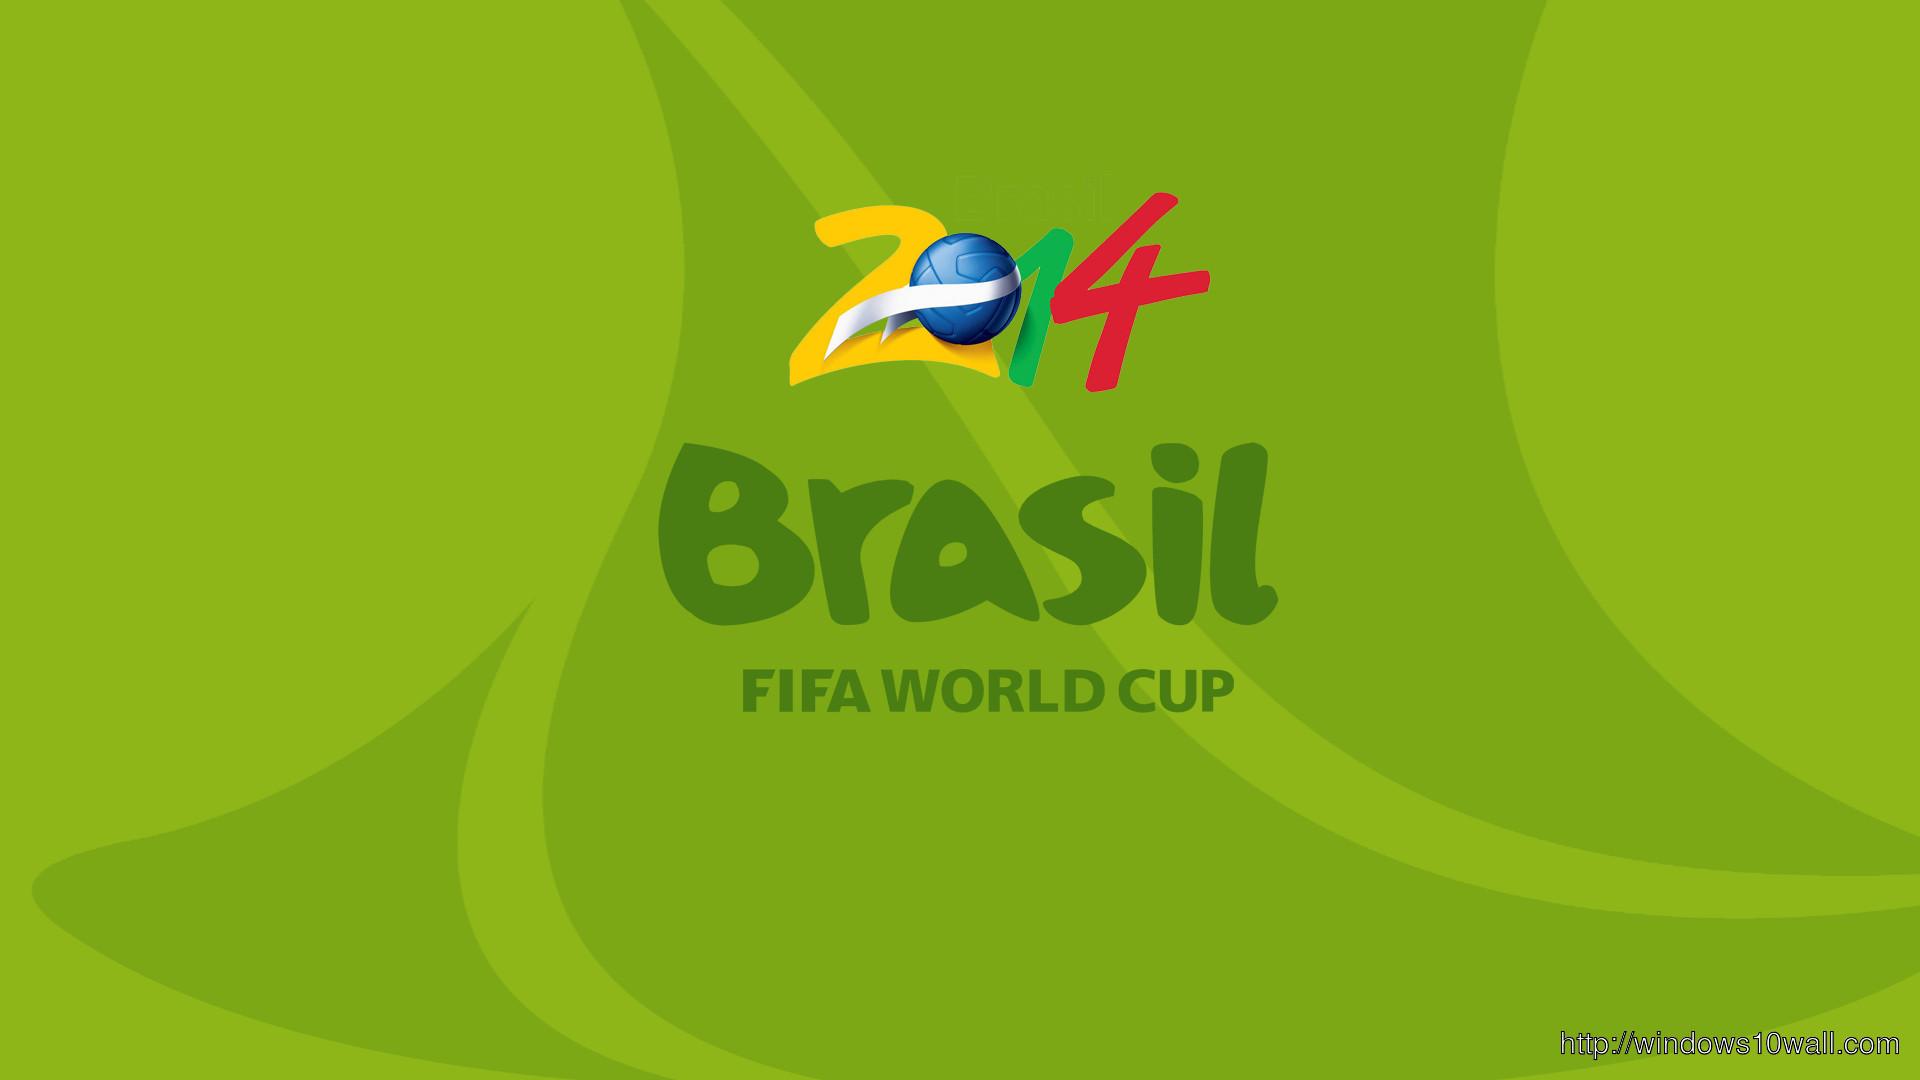 world cup brazil 2014 desktop wallpaper